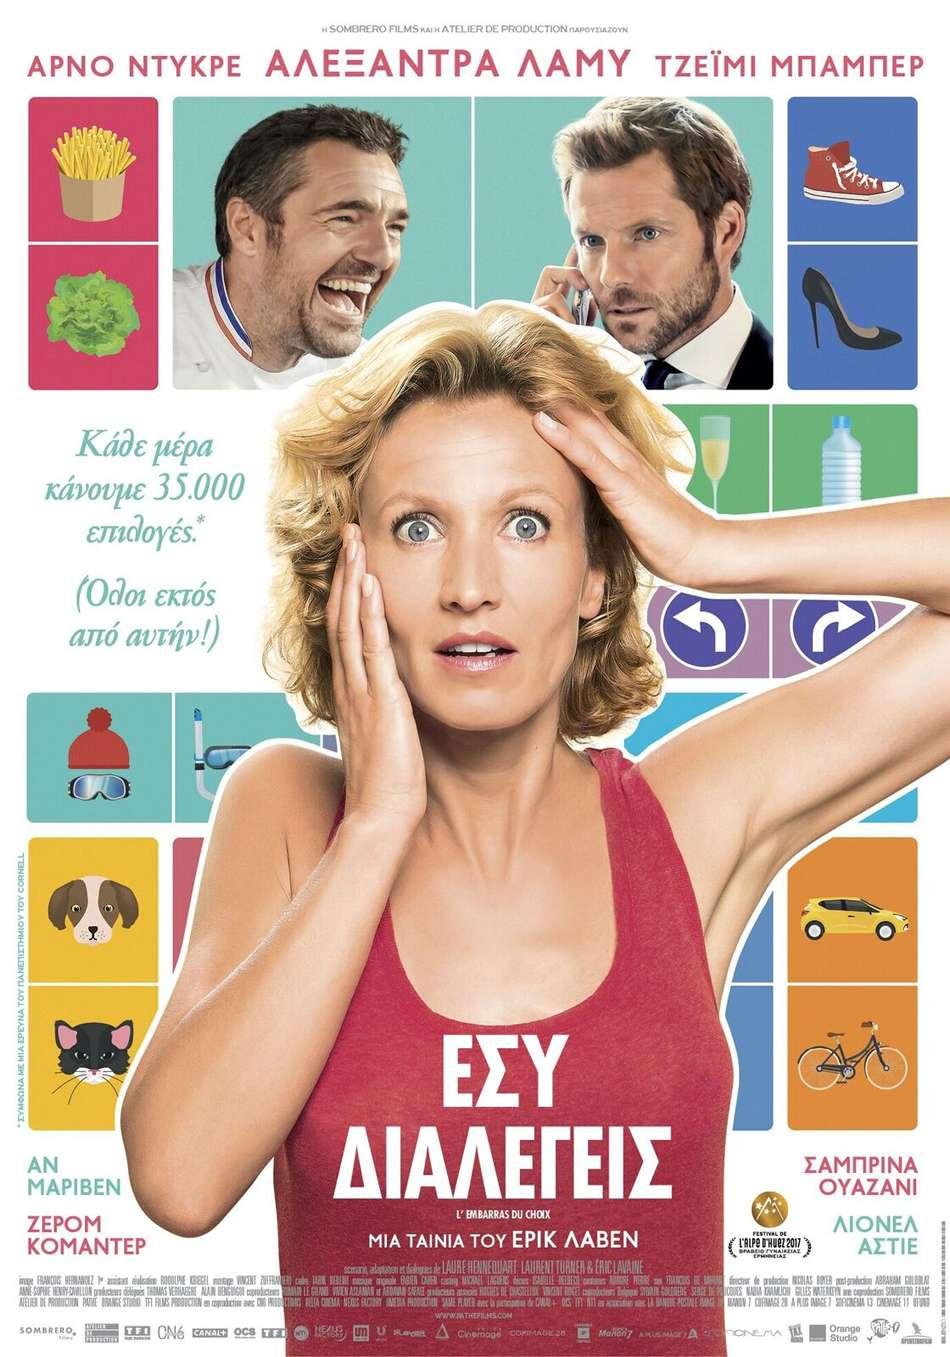 Εσύ Διαλέγεις (L' Embarras du Choix) Poster Πόστερ